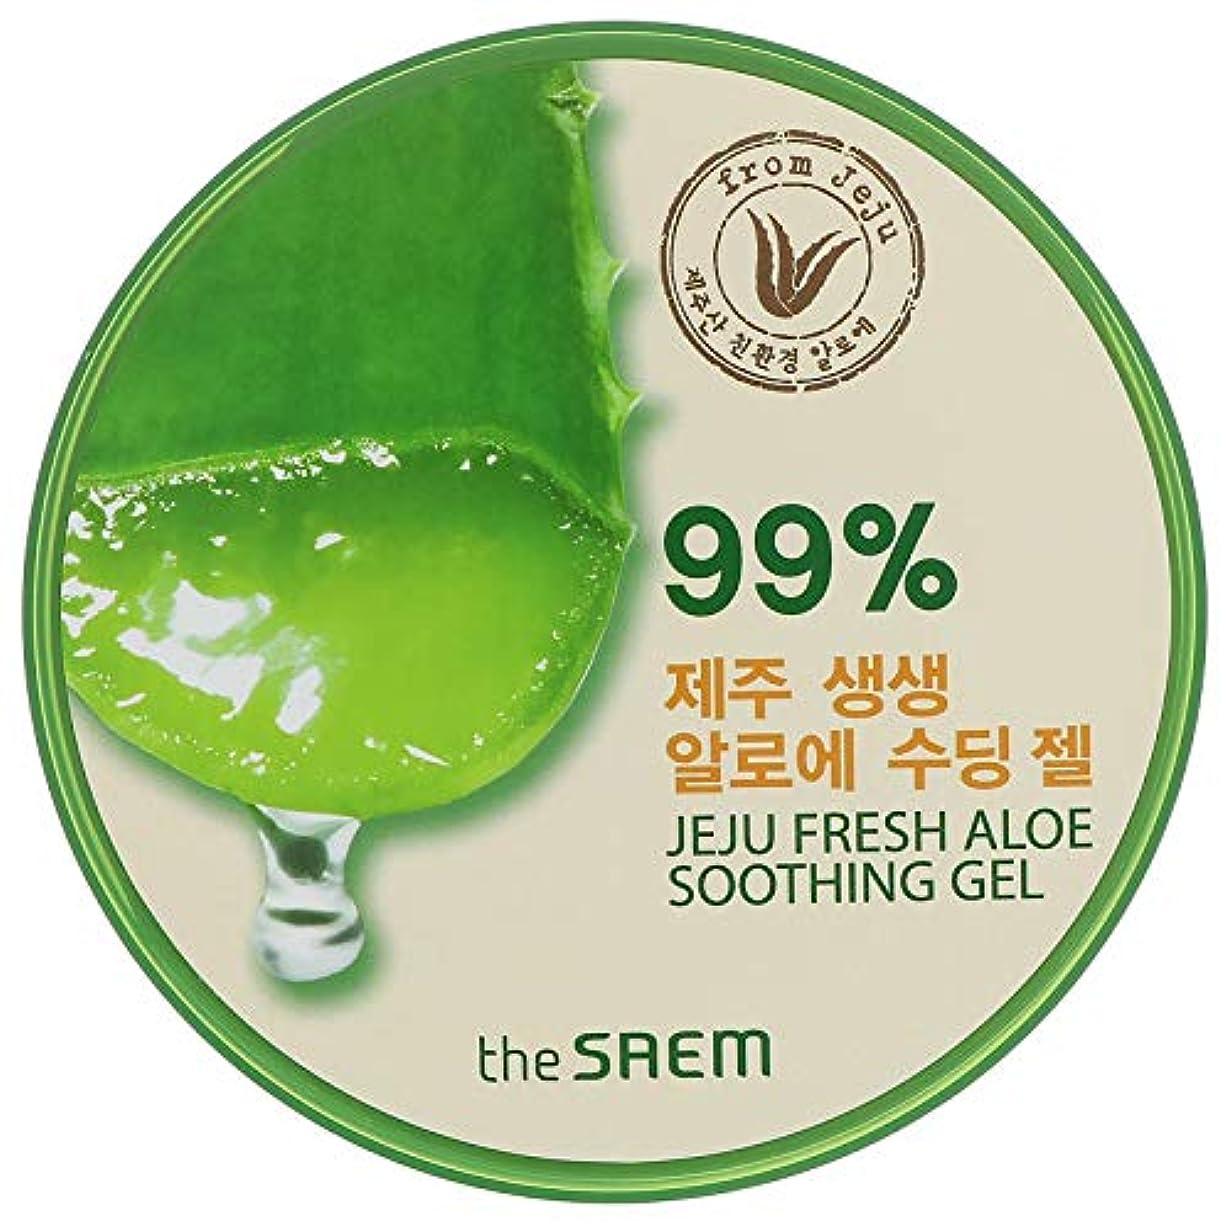 余分な省略解明する即日発送 【国内発送】ザセム アロエスーディングジェル99% 頭からつま先までしっとり The SAEM Jeju Fresh ALOE Soothing Gel 99%